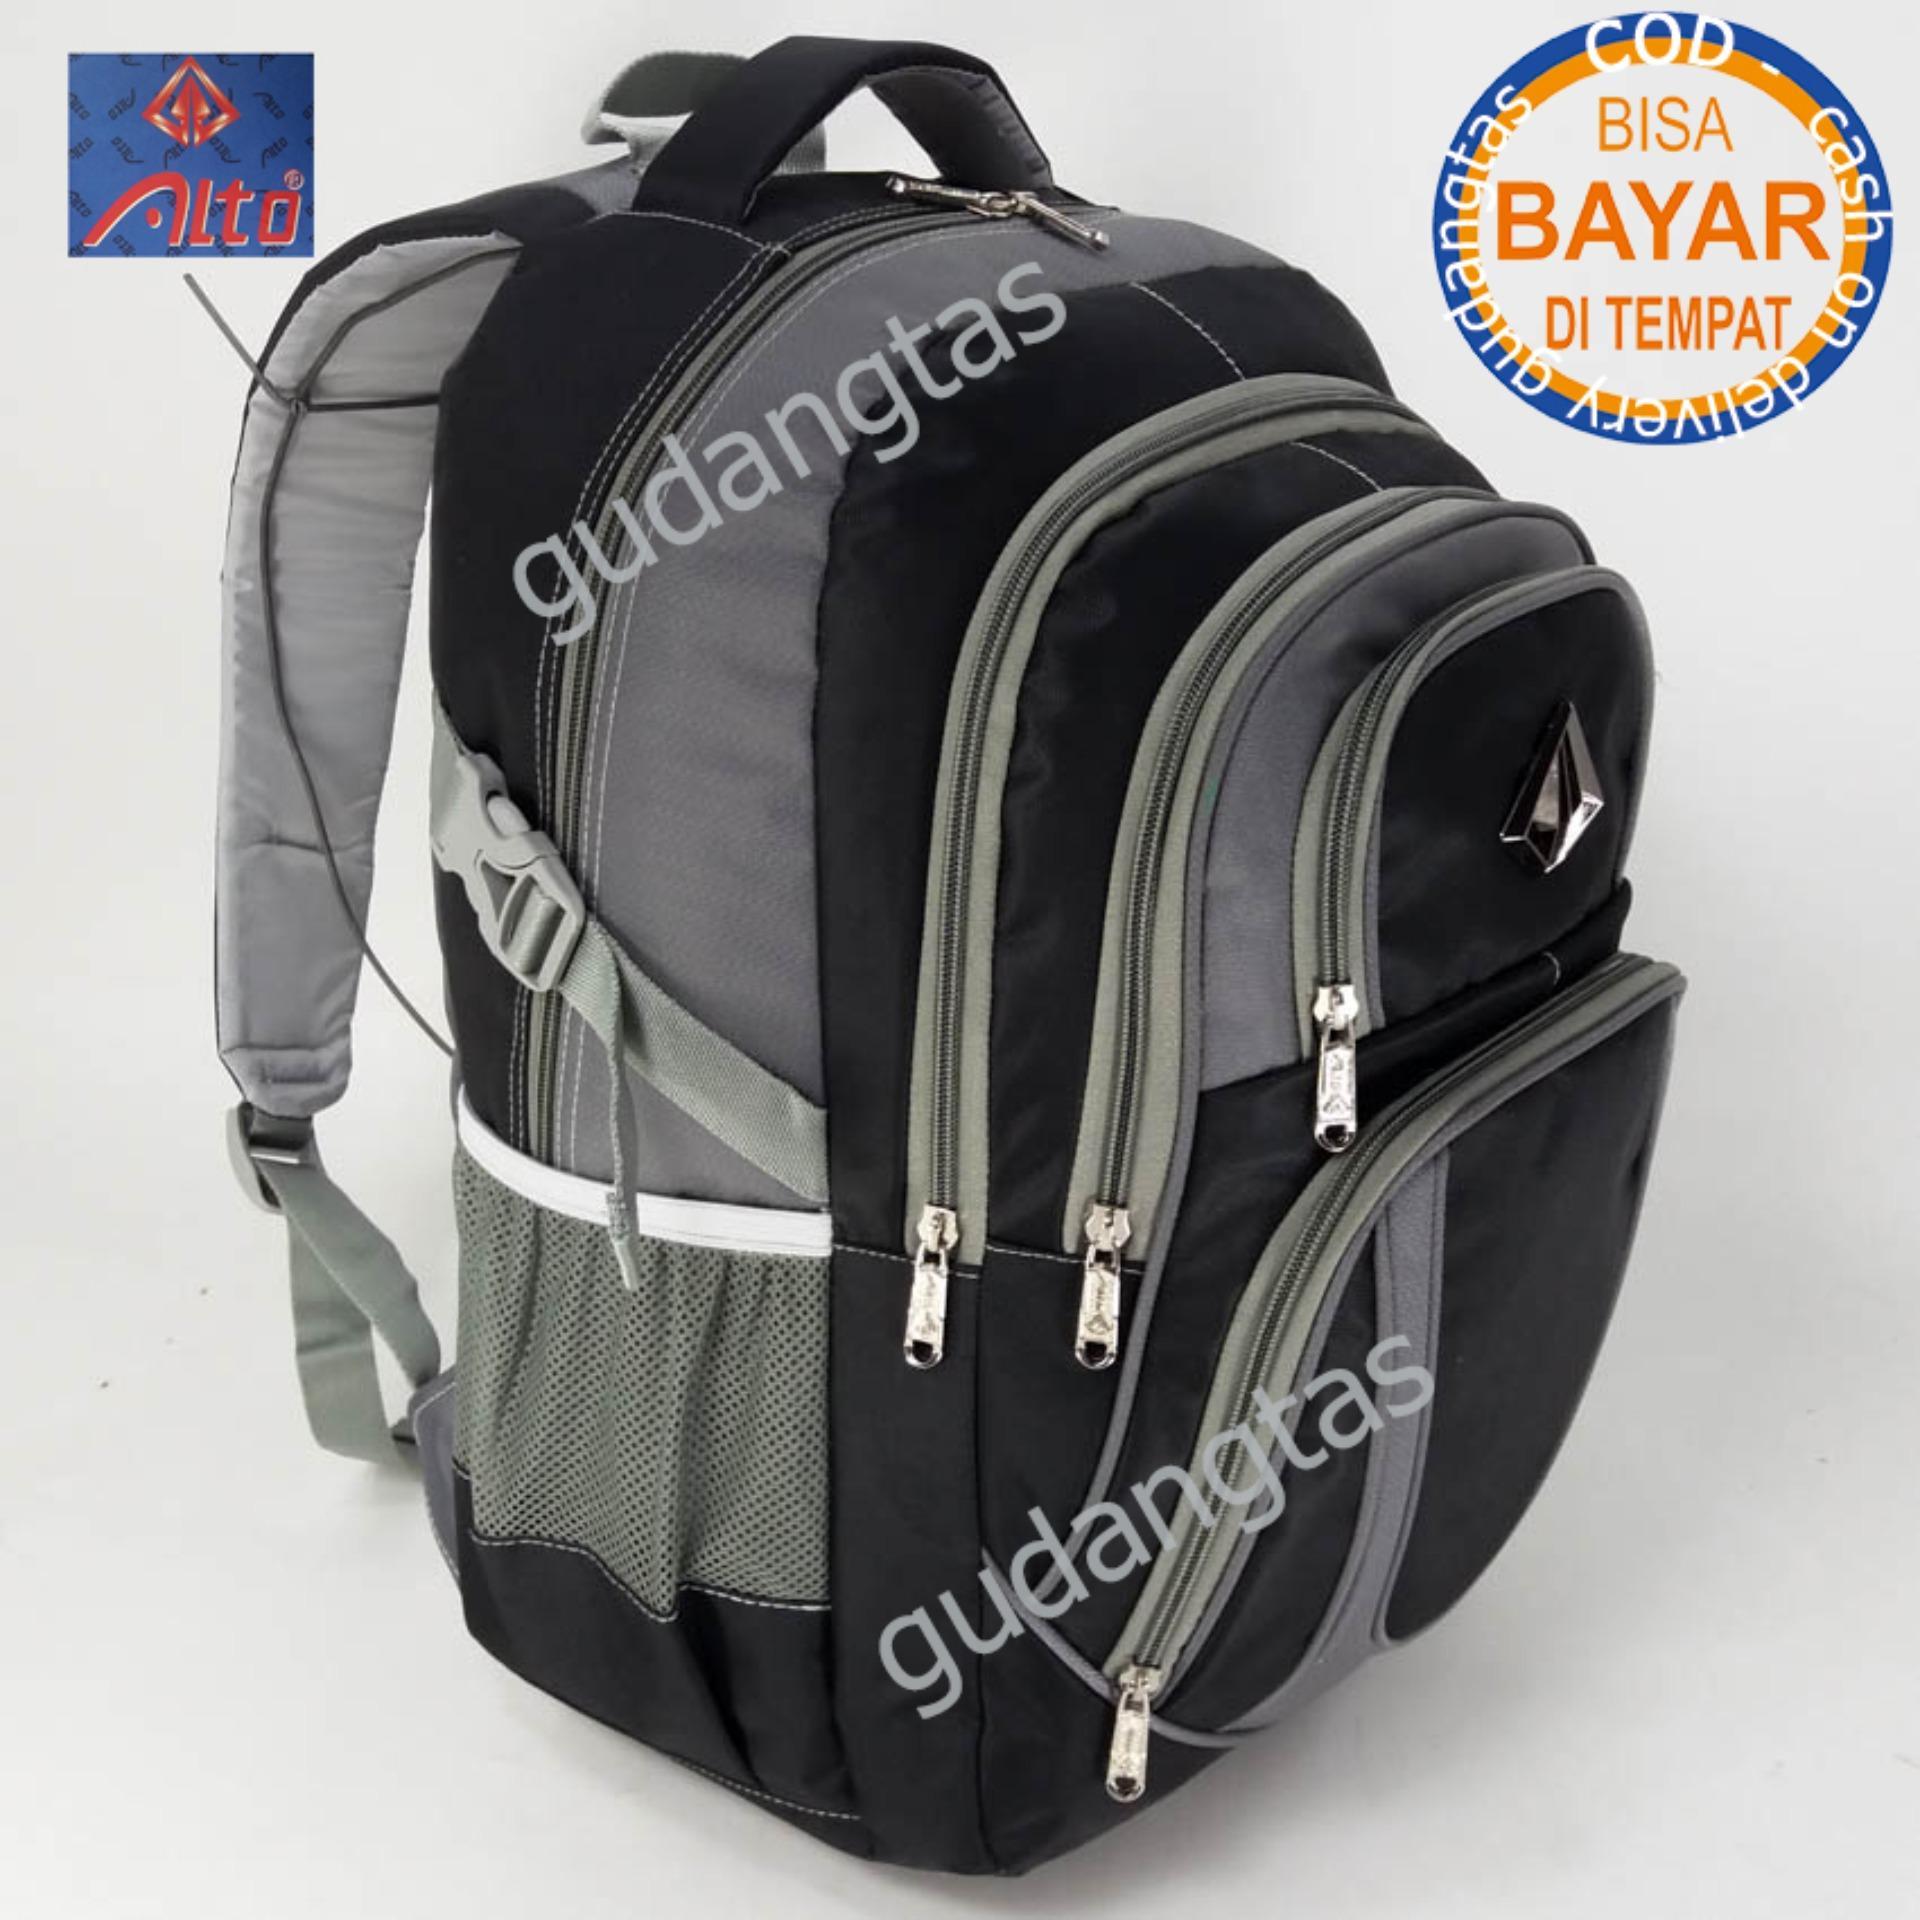 Alto Backpack Super Tas Sekolah  76781 Ransel Laptop HITAM + Raincover